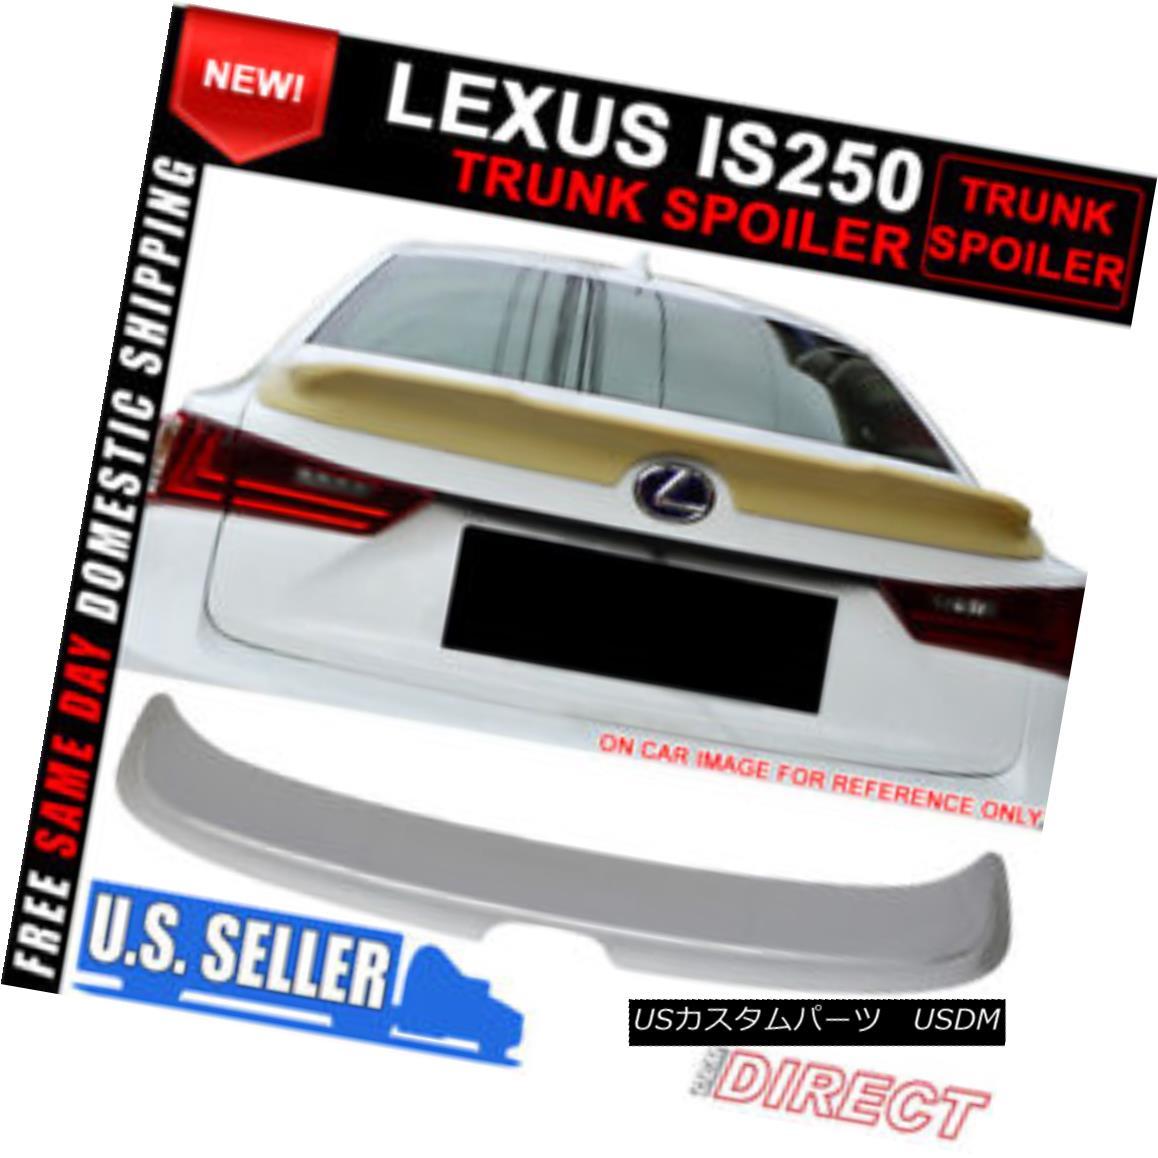 エアロパーツ For 14-16 Lexus IS IS250 TRD Trunk Spoiler Painted Platinum Silver Metallic ABS 14?16レクサスIS IS250 TRDトランクスポイラー塗装プラチナシルバーメタリックABS